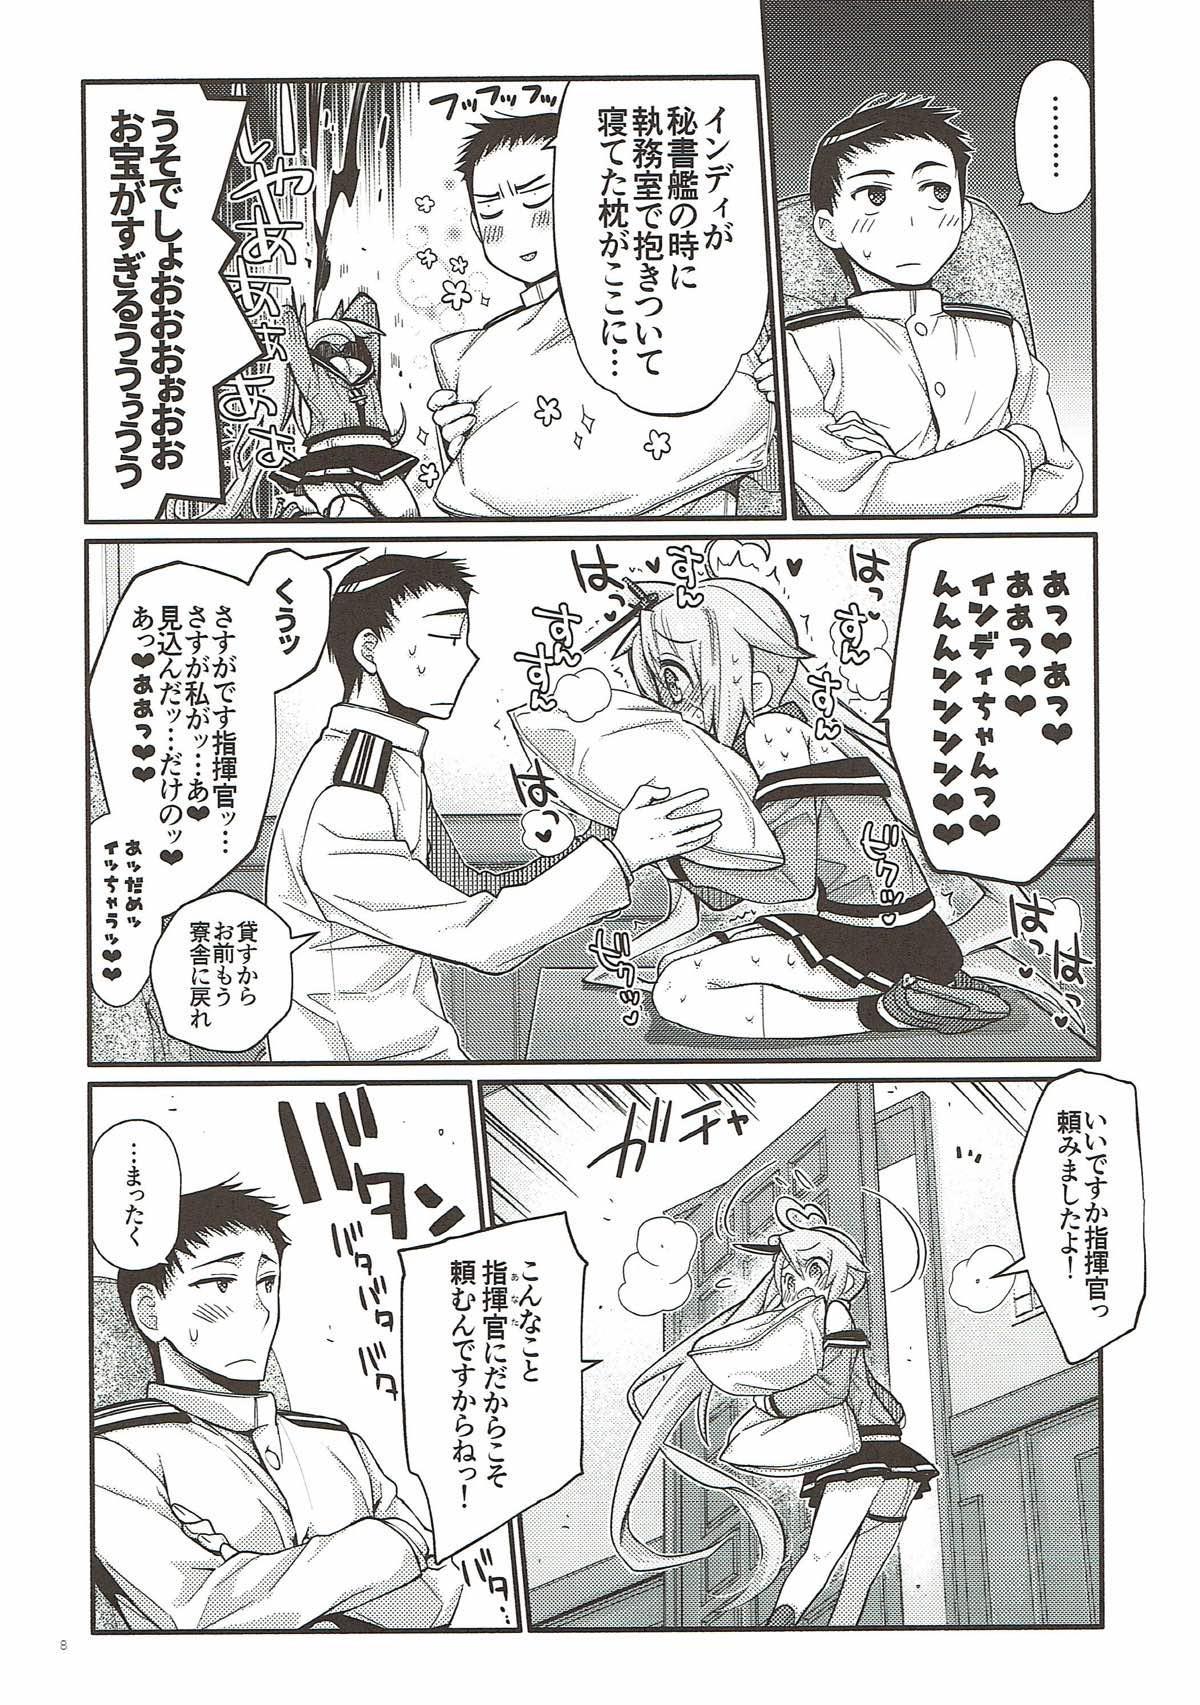 Uchi no Imouto wa Sekaiichi Kawaiin desu kedo! - My sister is a GODDESS! 4